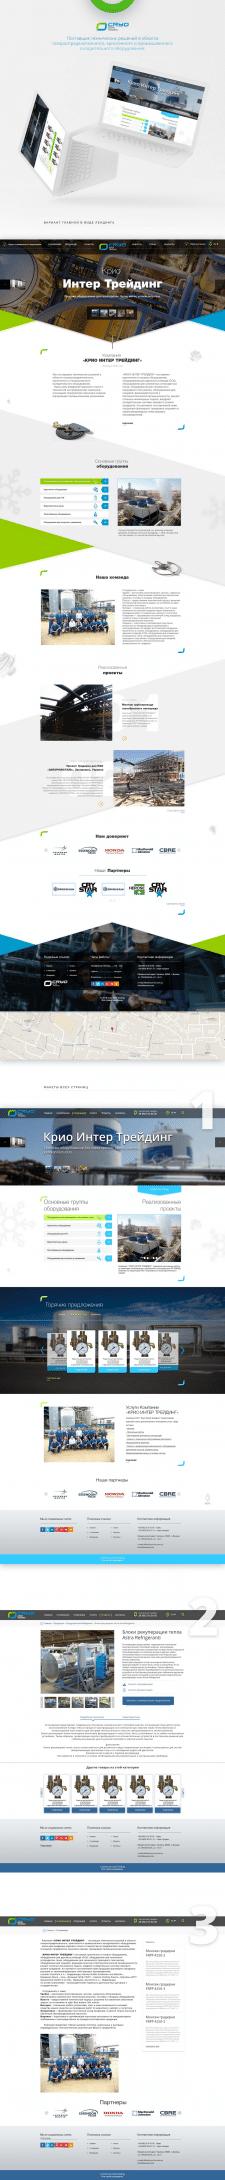 Крио Интер Трейдинг - Корпоративный сайт